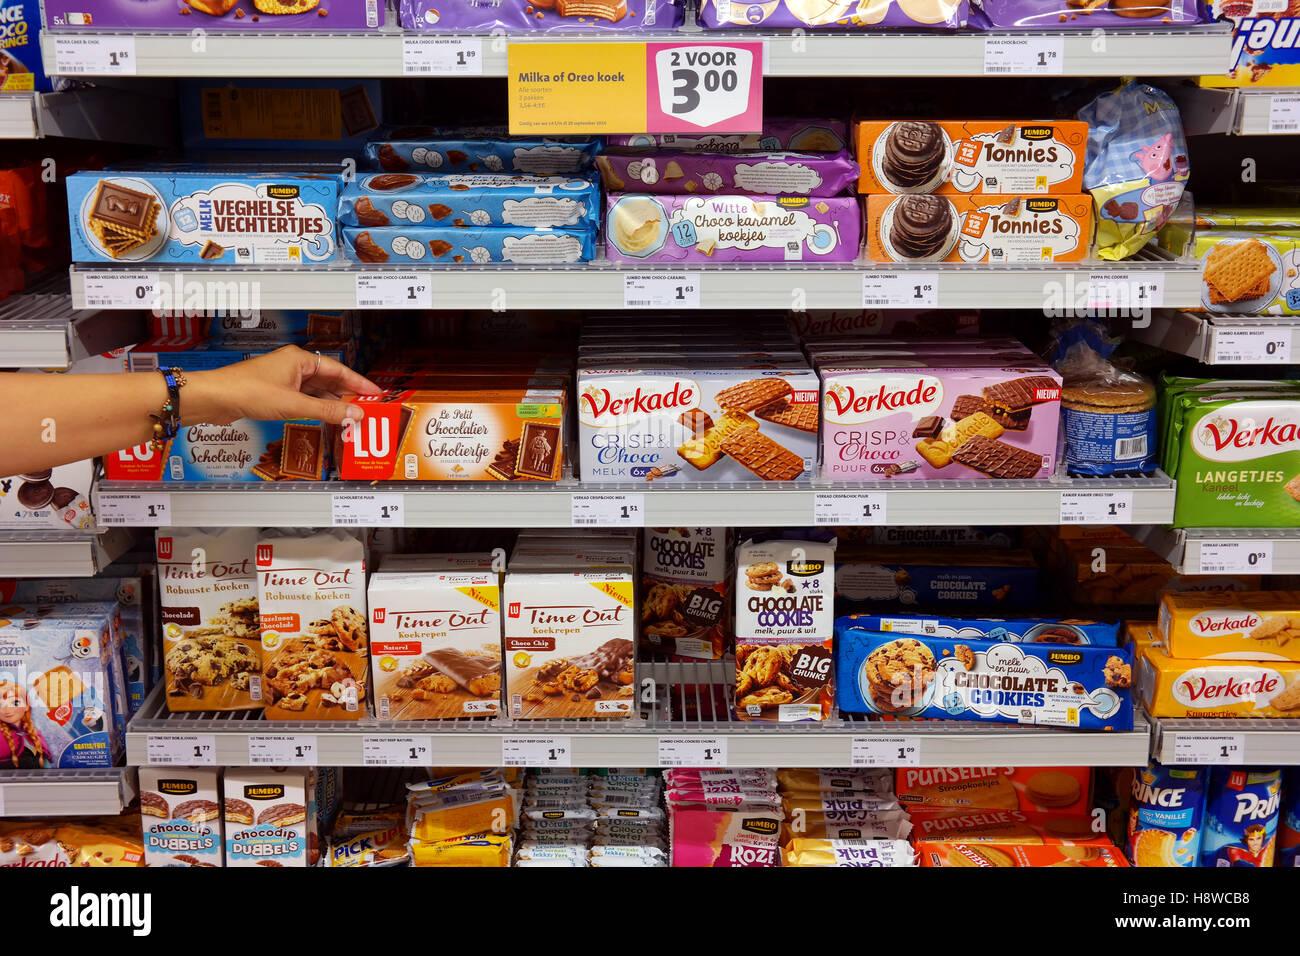 keks packungen im supermarkt stockfoto bild 125948348 alamy. Black Bedroom Furniture Sets. Home Design Ideas